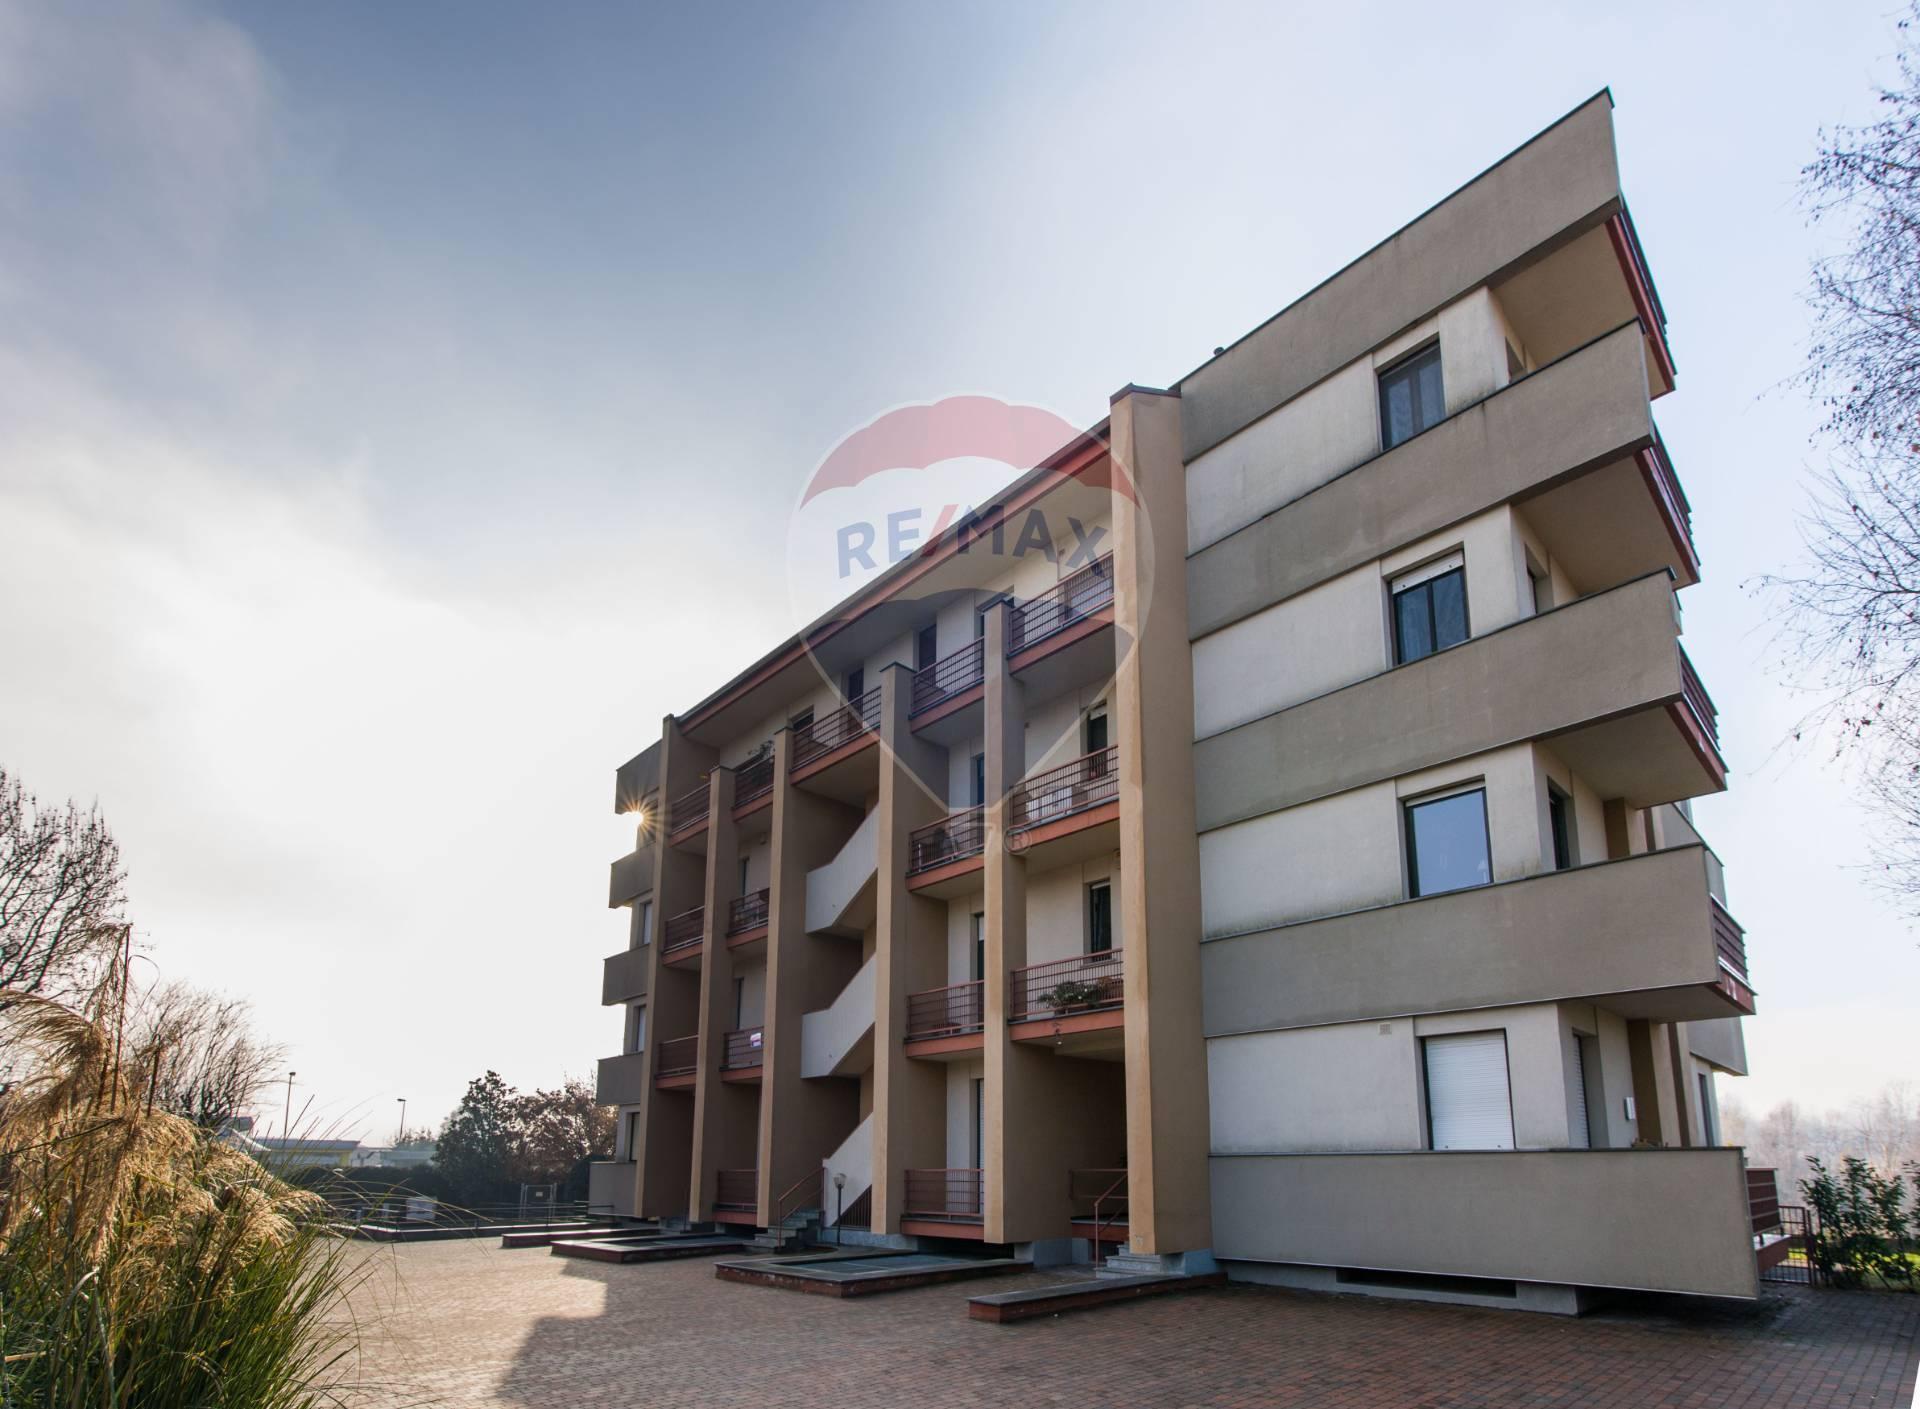 Vendita Quadrilocale Appartamento Chieri 253232